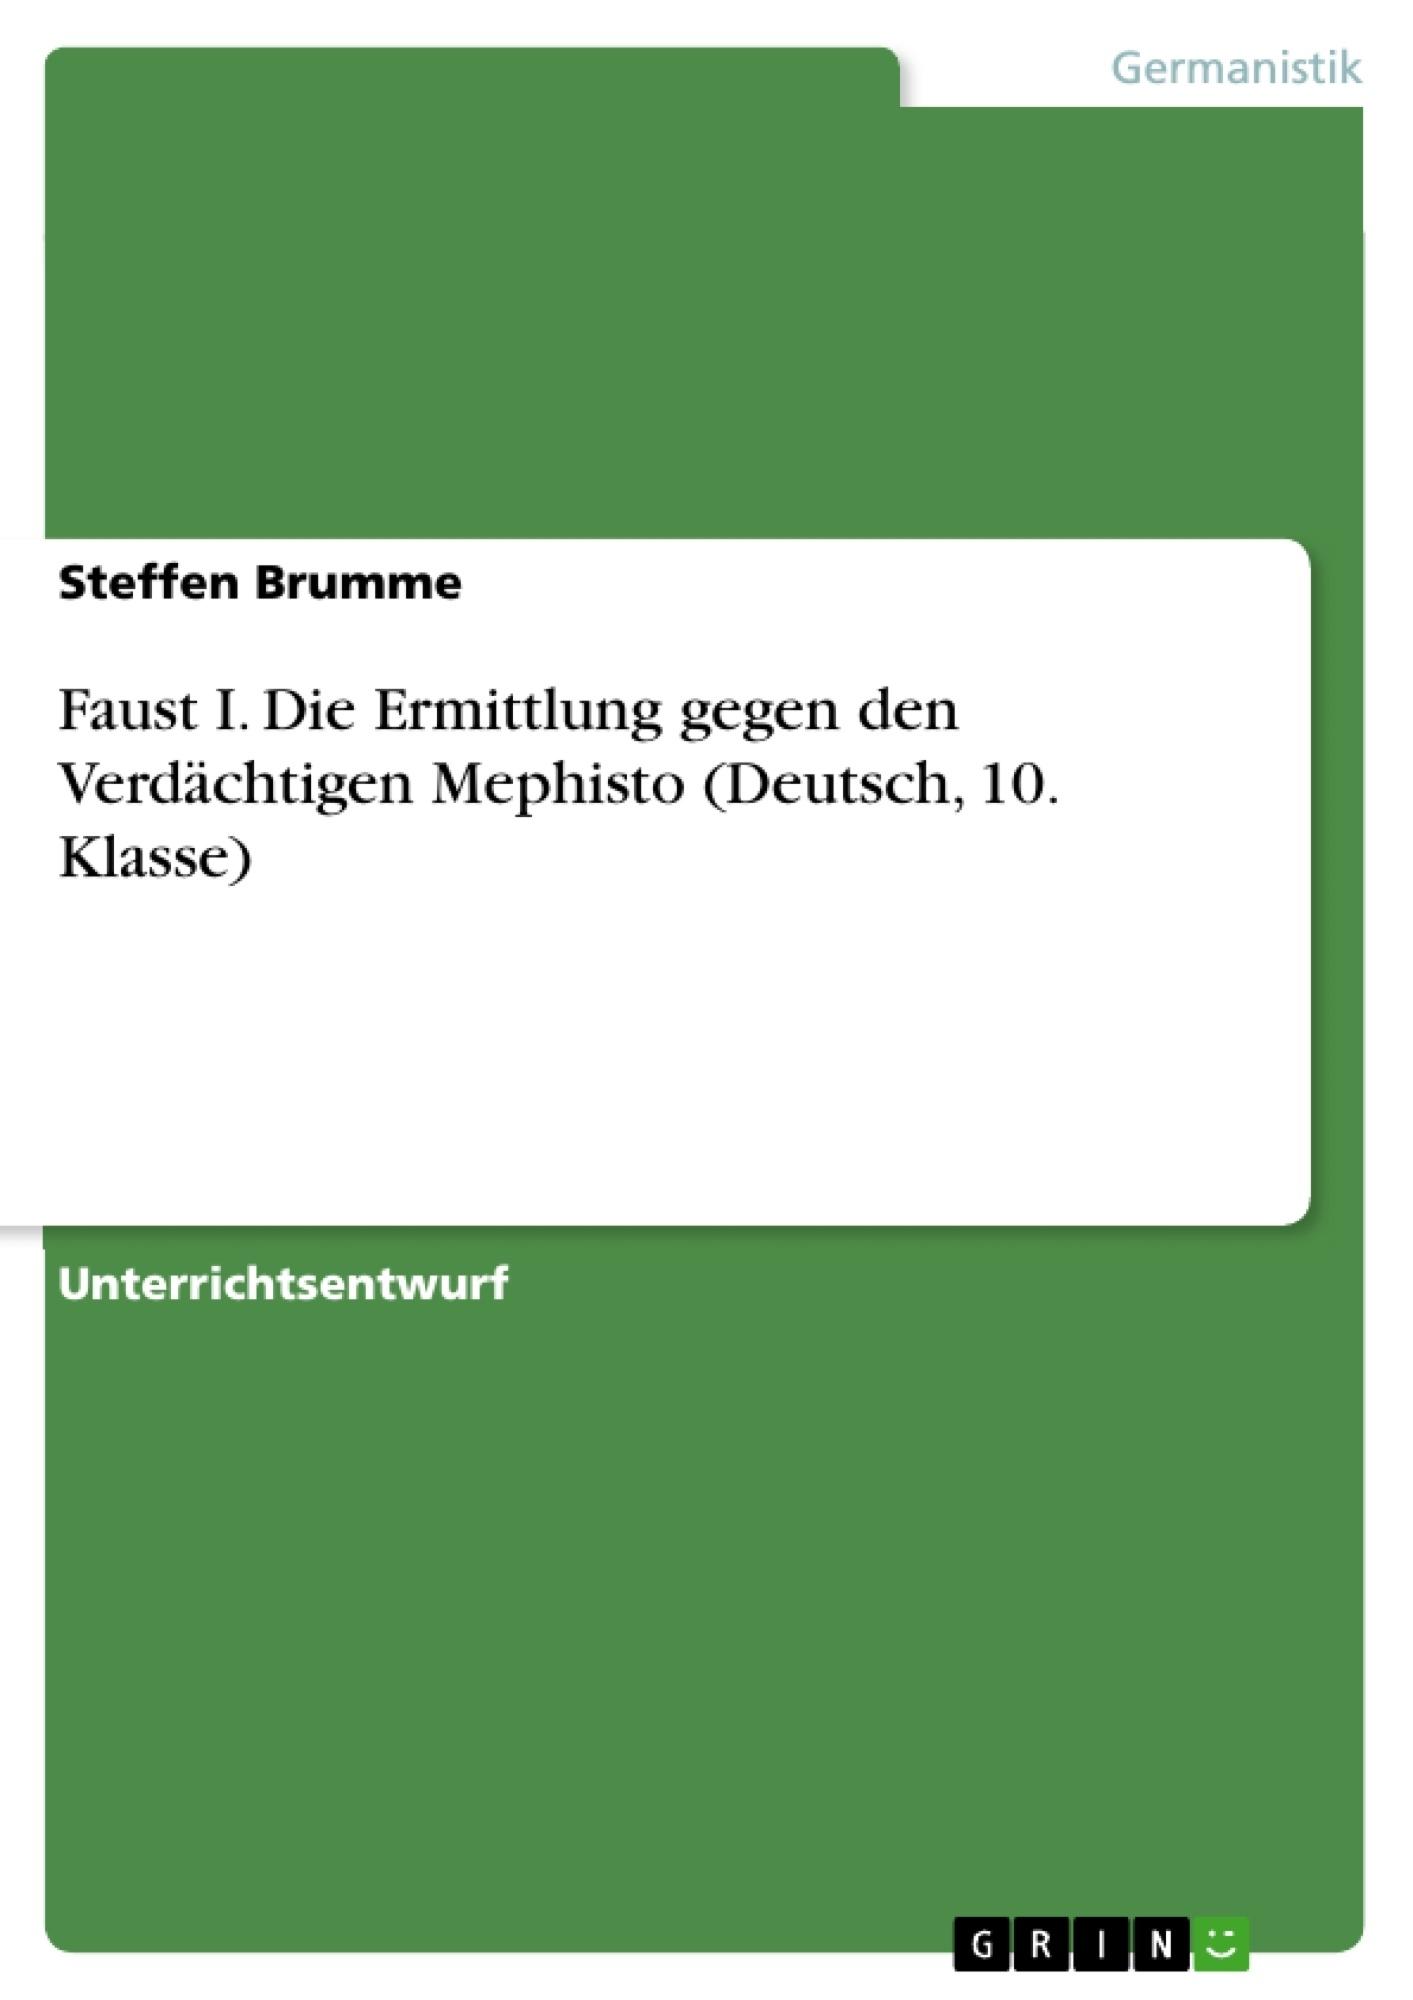 Titel: Faust I. Die Ermittlung gegen den Verdächtigen Mephisto (Deutsch, 10. Klasse)